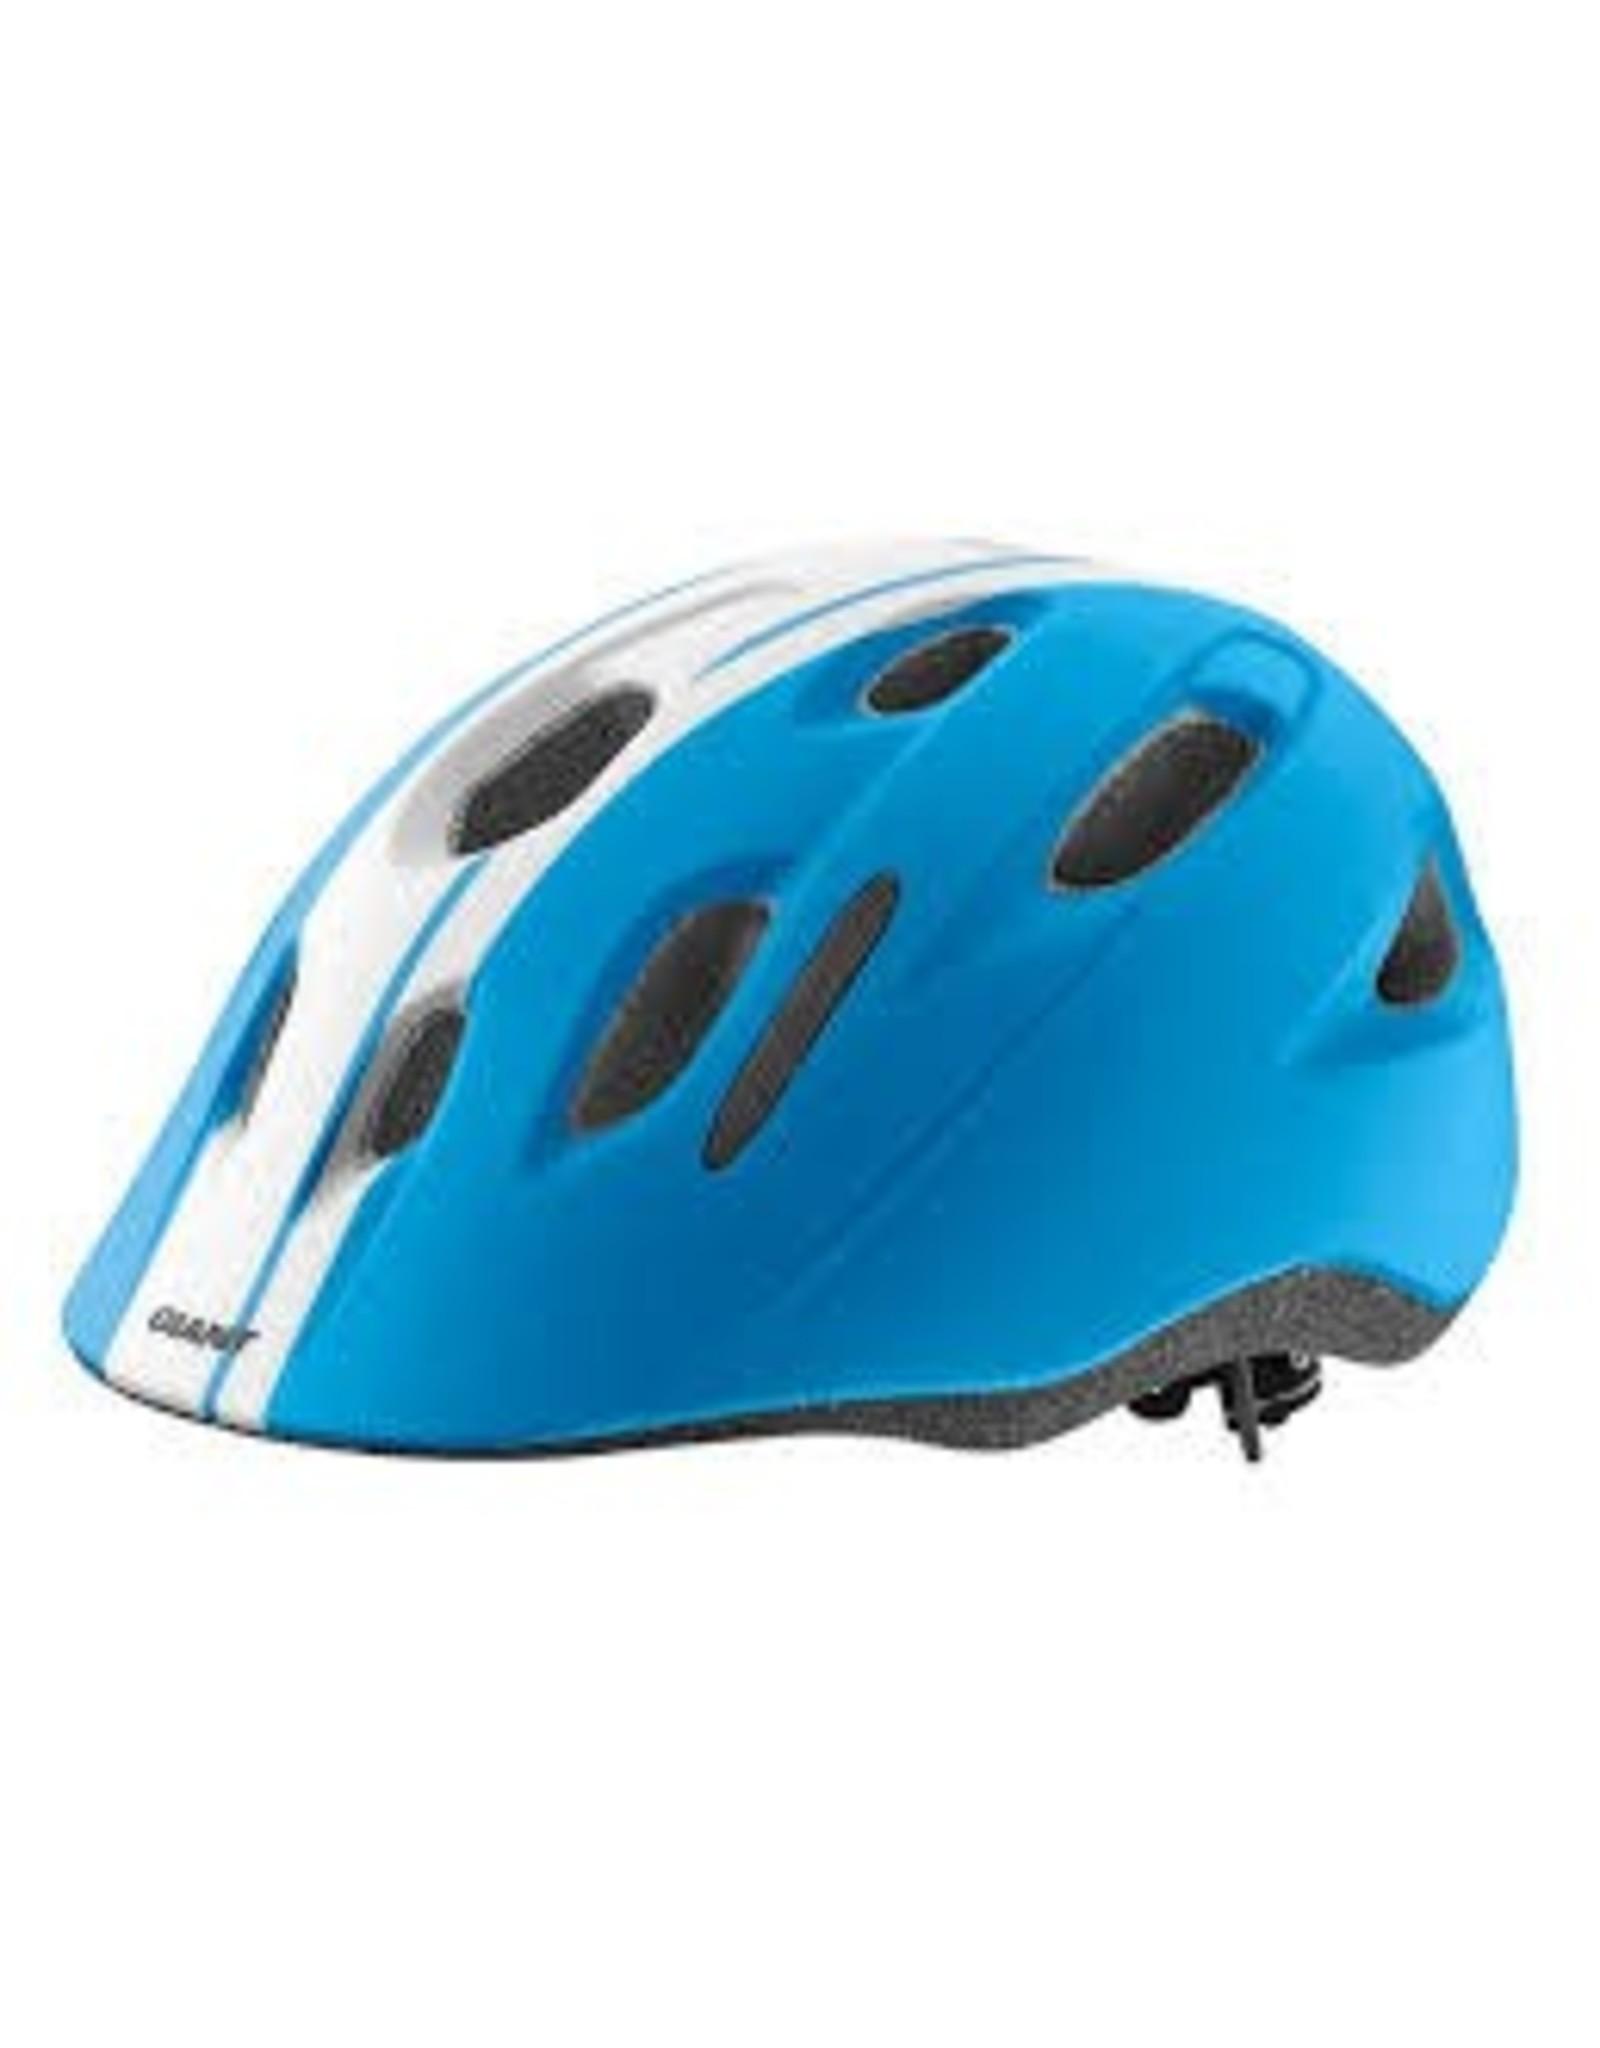 GIANT BICYCLES Hoot Child Helmet 50-55cm